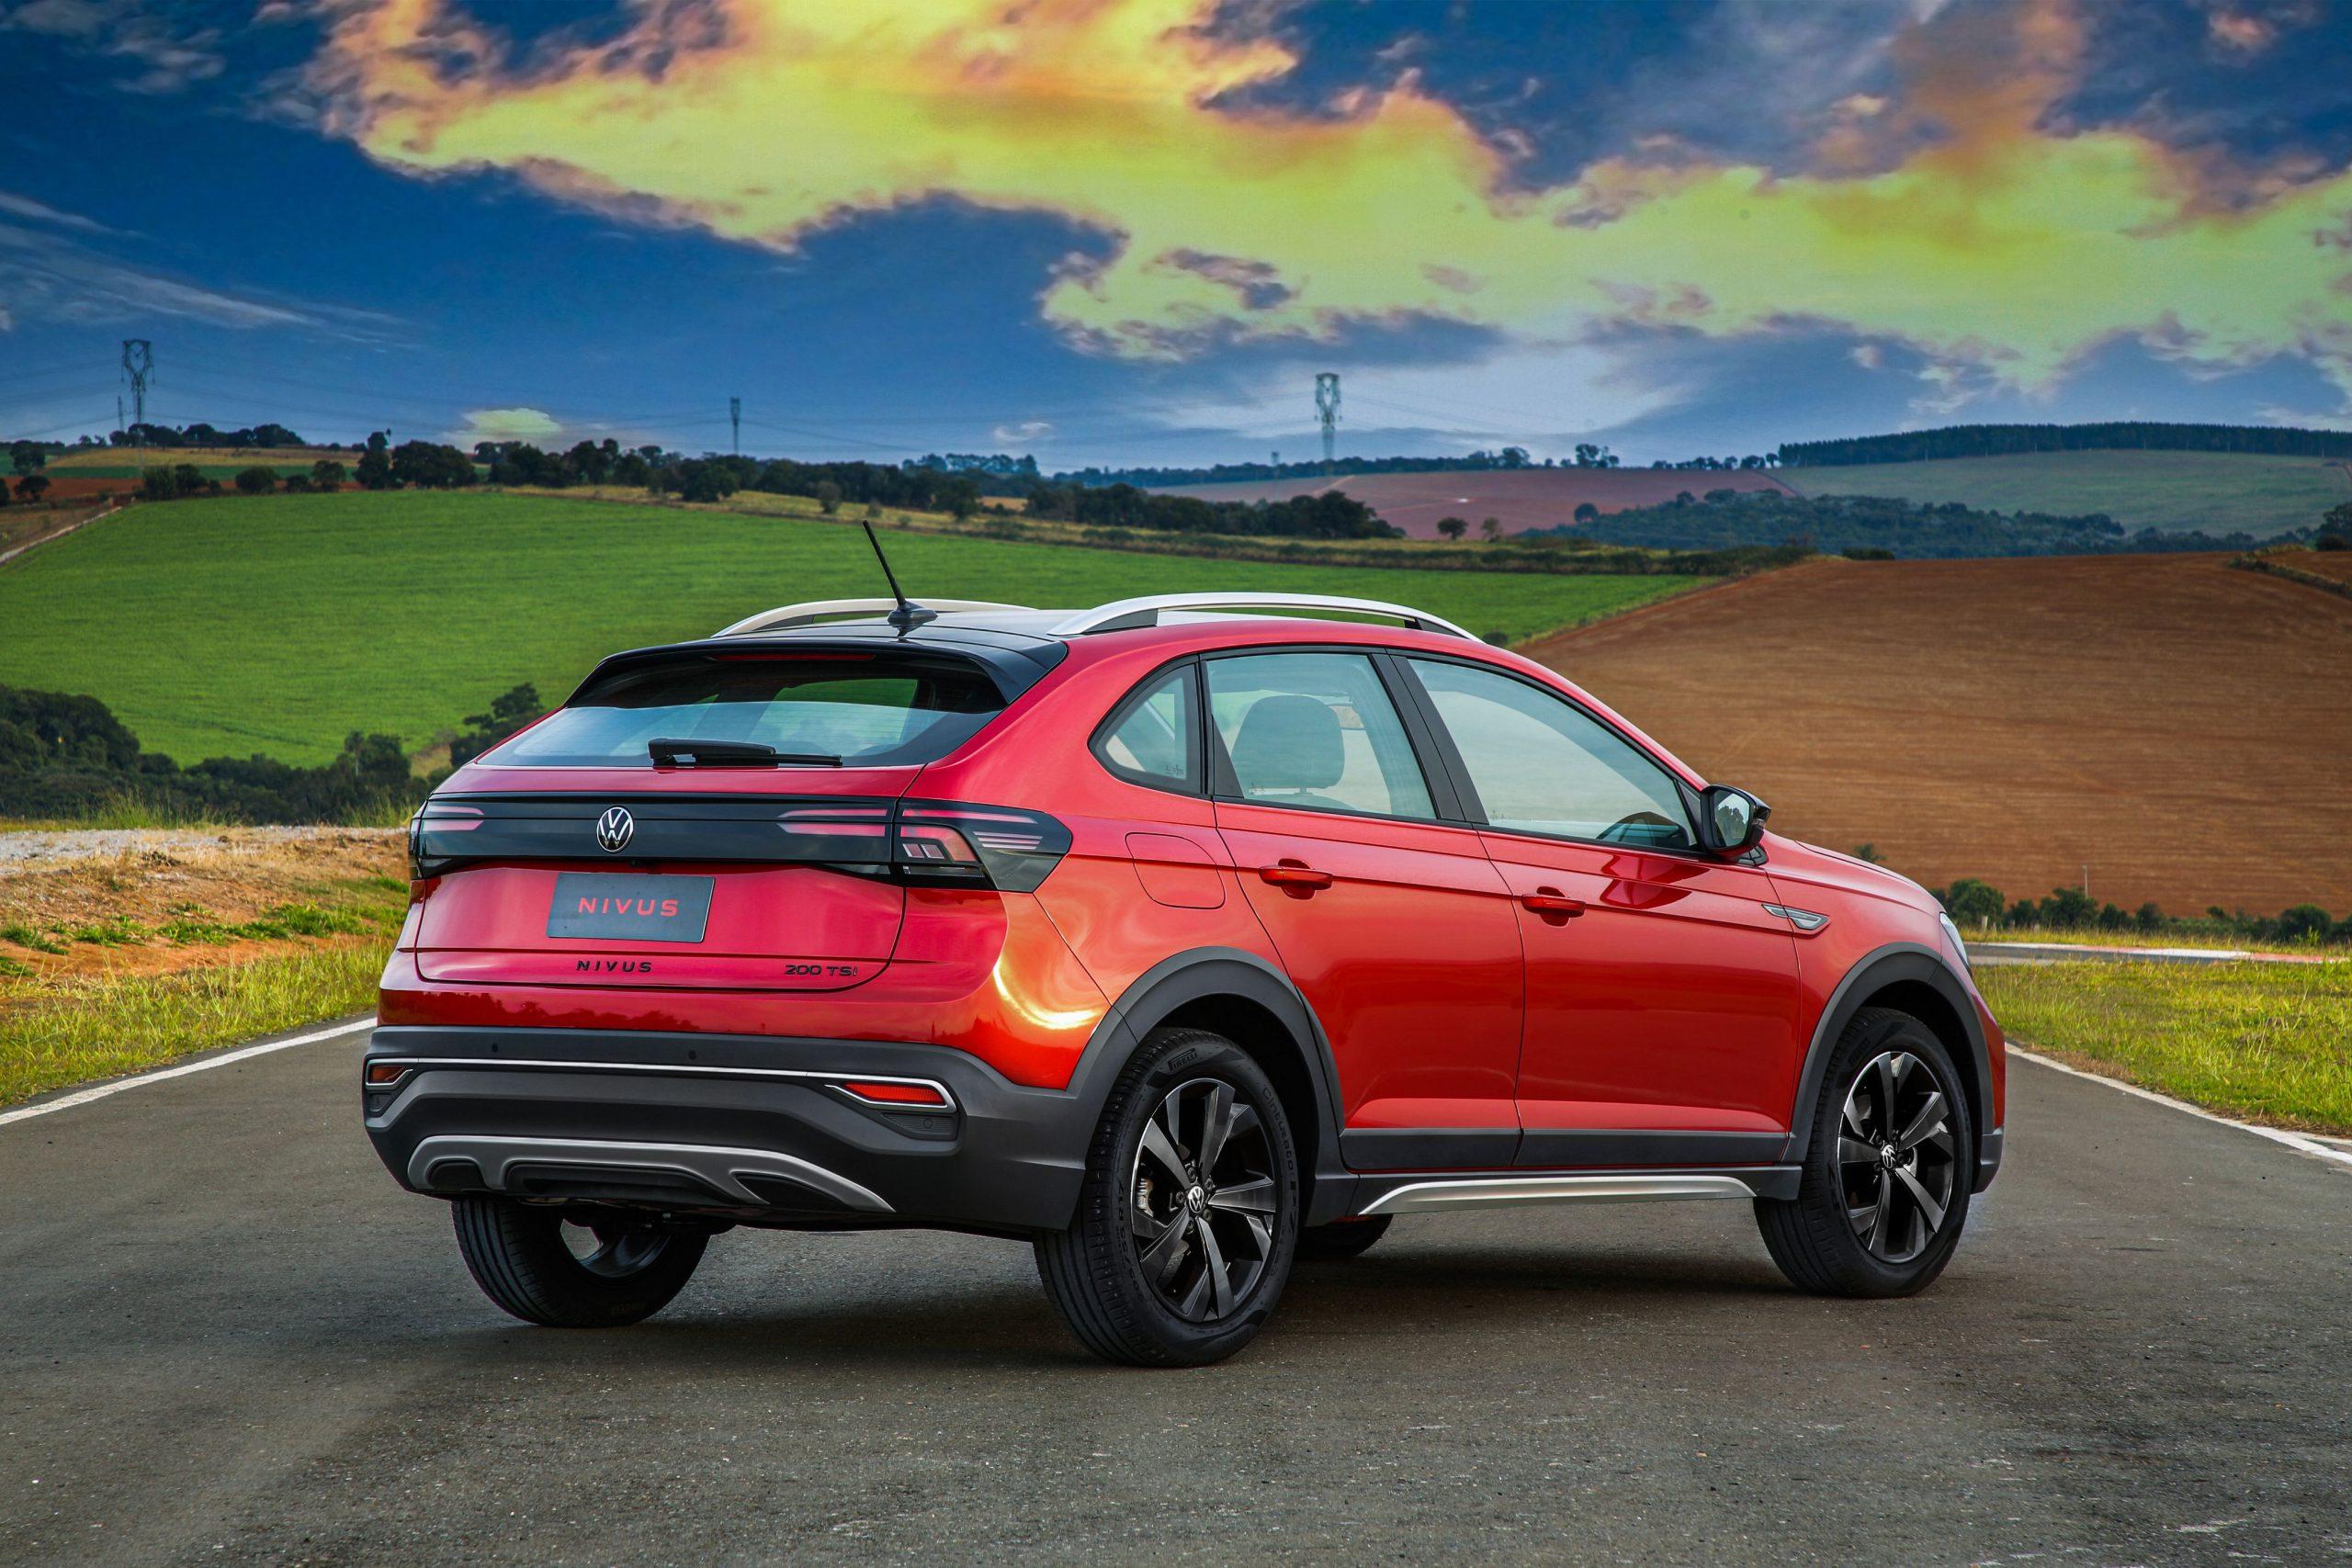 Avaliação: Volkswagen Nivus é boa 'solução caseira' entre Polo e T-Cross